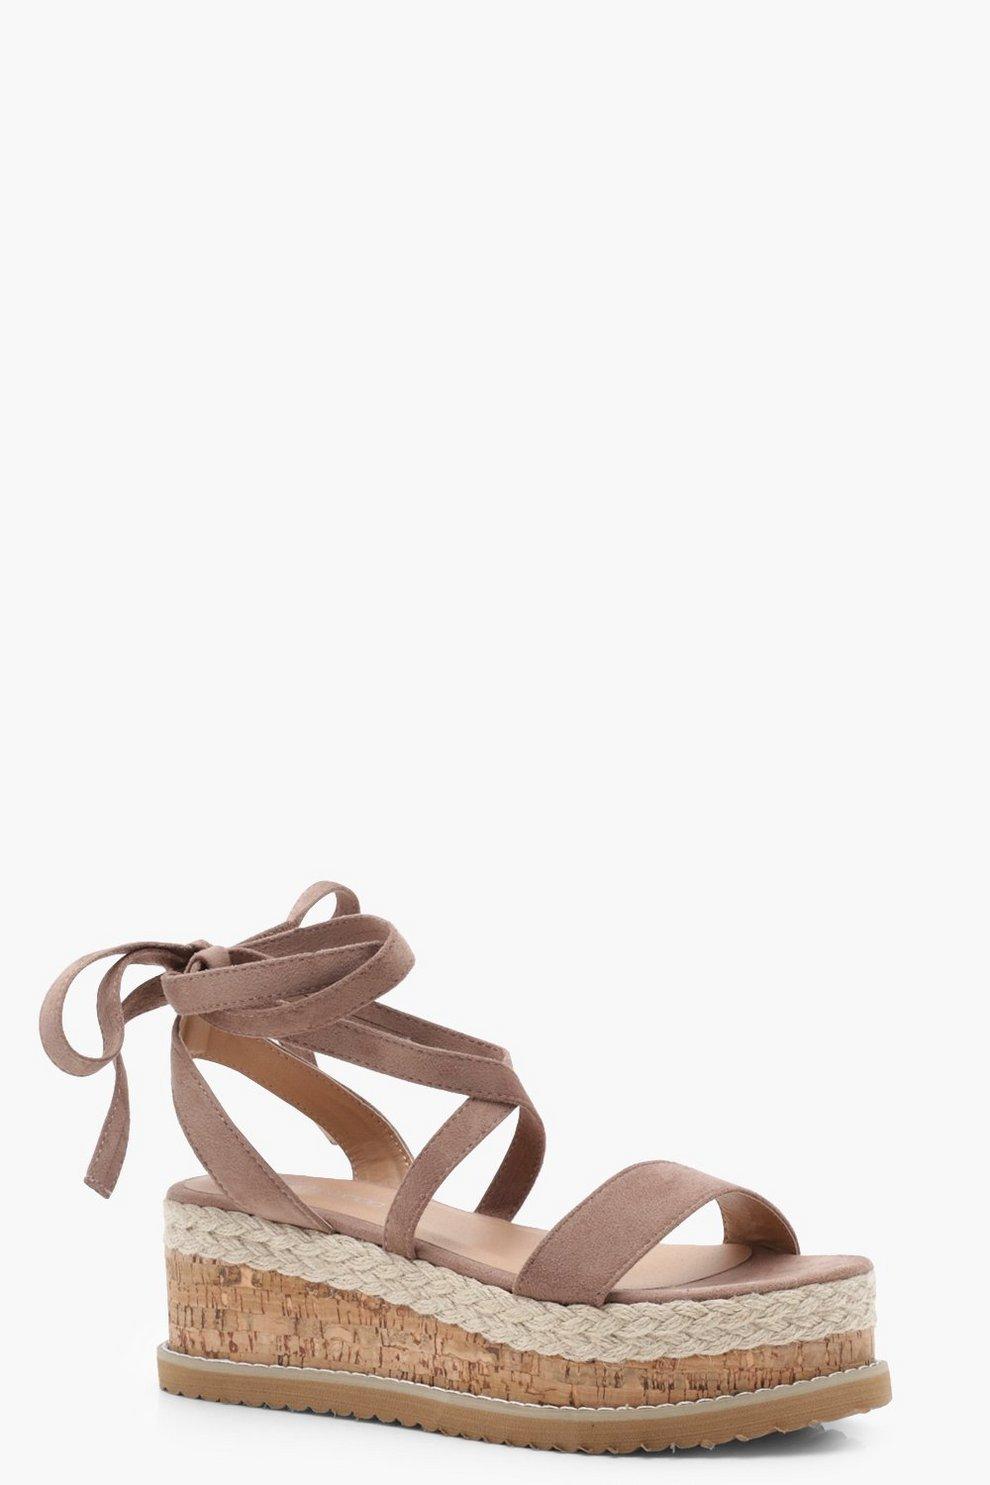 5b6d14f76b Womens Mocha Flatform Espadrille Tie Up Sandals